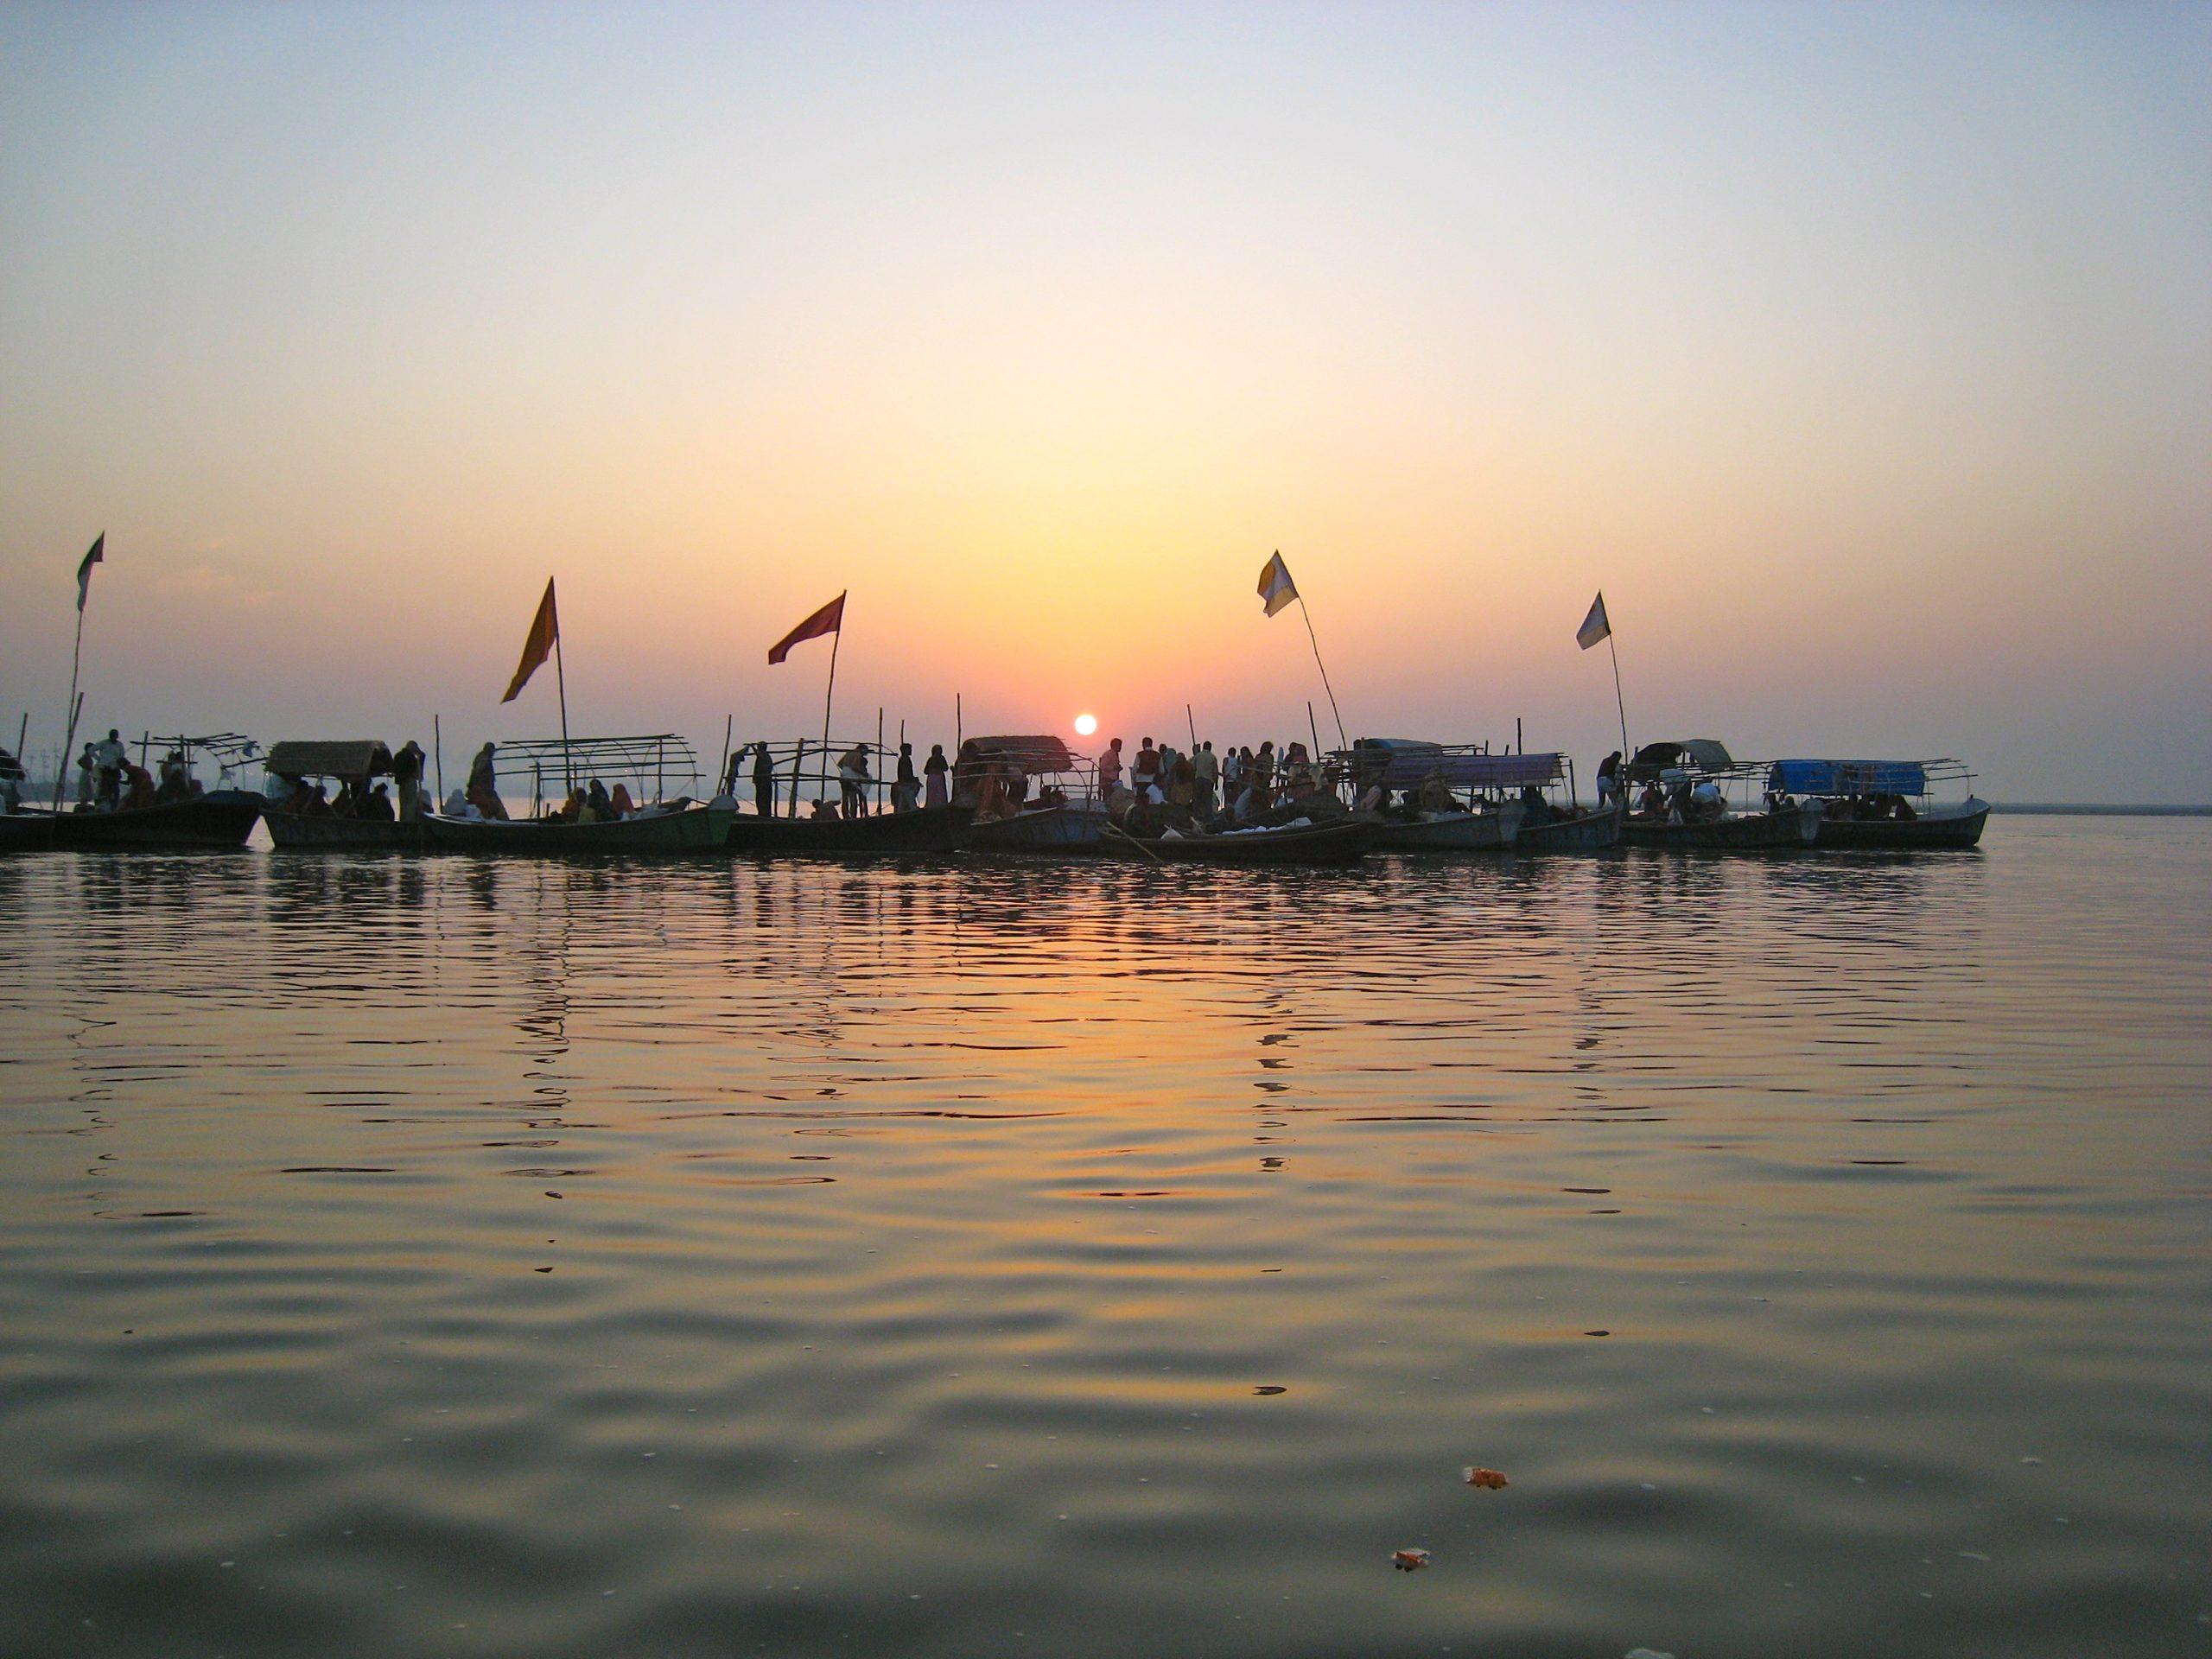 Triveni Sangam - Top Sightseeing Place in Prayagraj